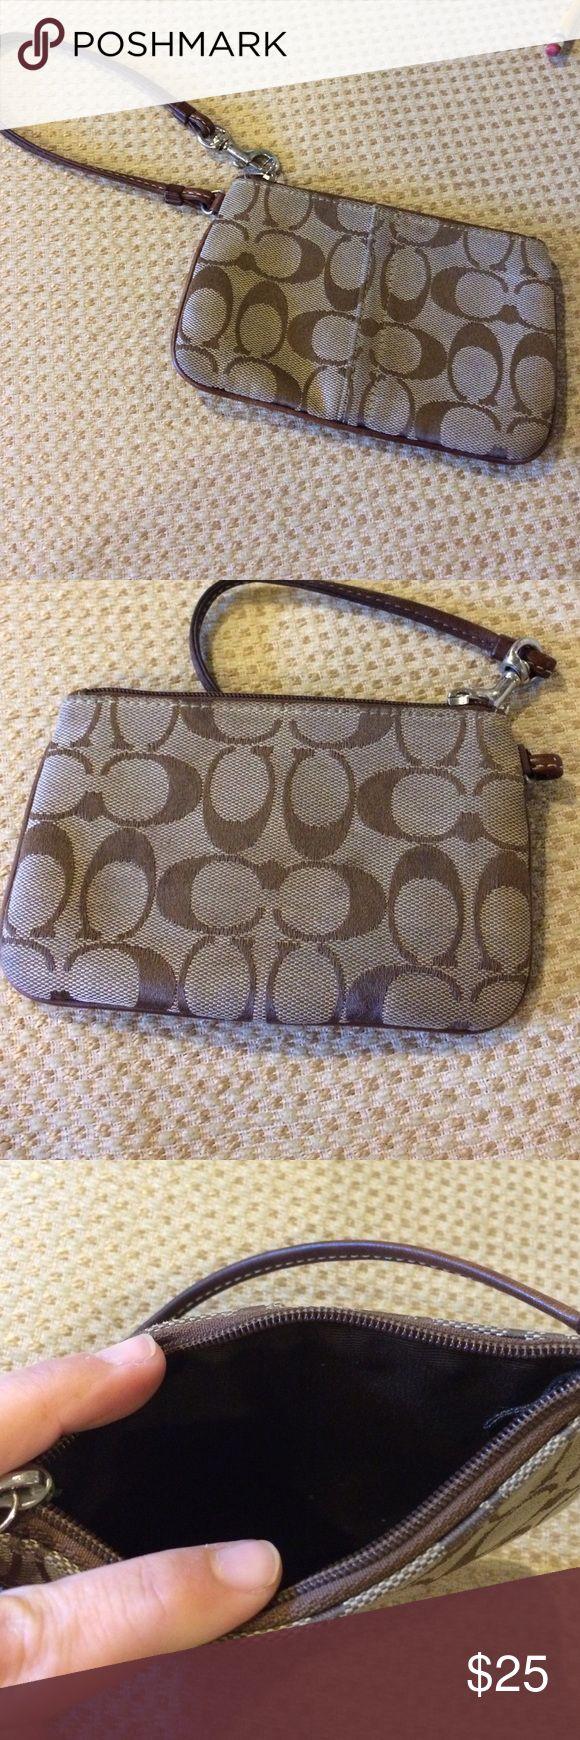 Coach Wristlet Coach Wristlet.  Signature Coach wristlet wallet in excellent condition. Coach Bags Clutches & Wristlets